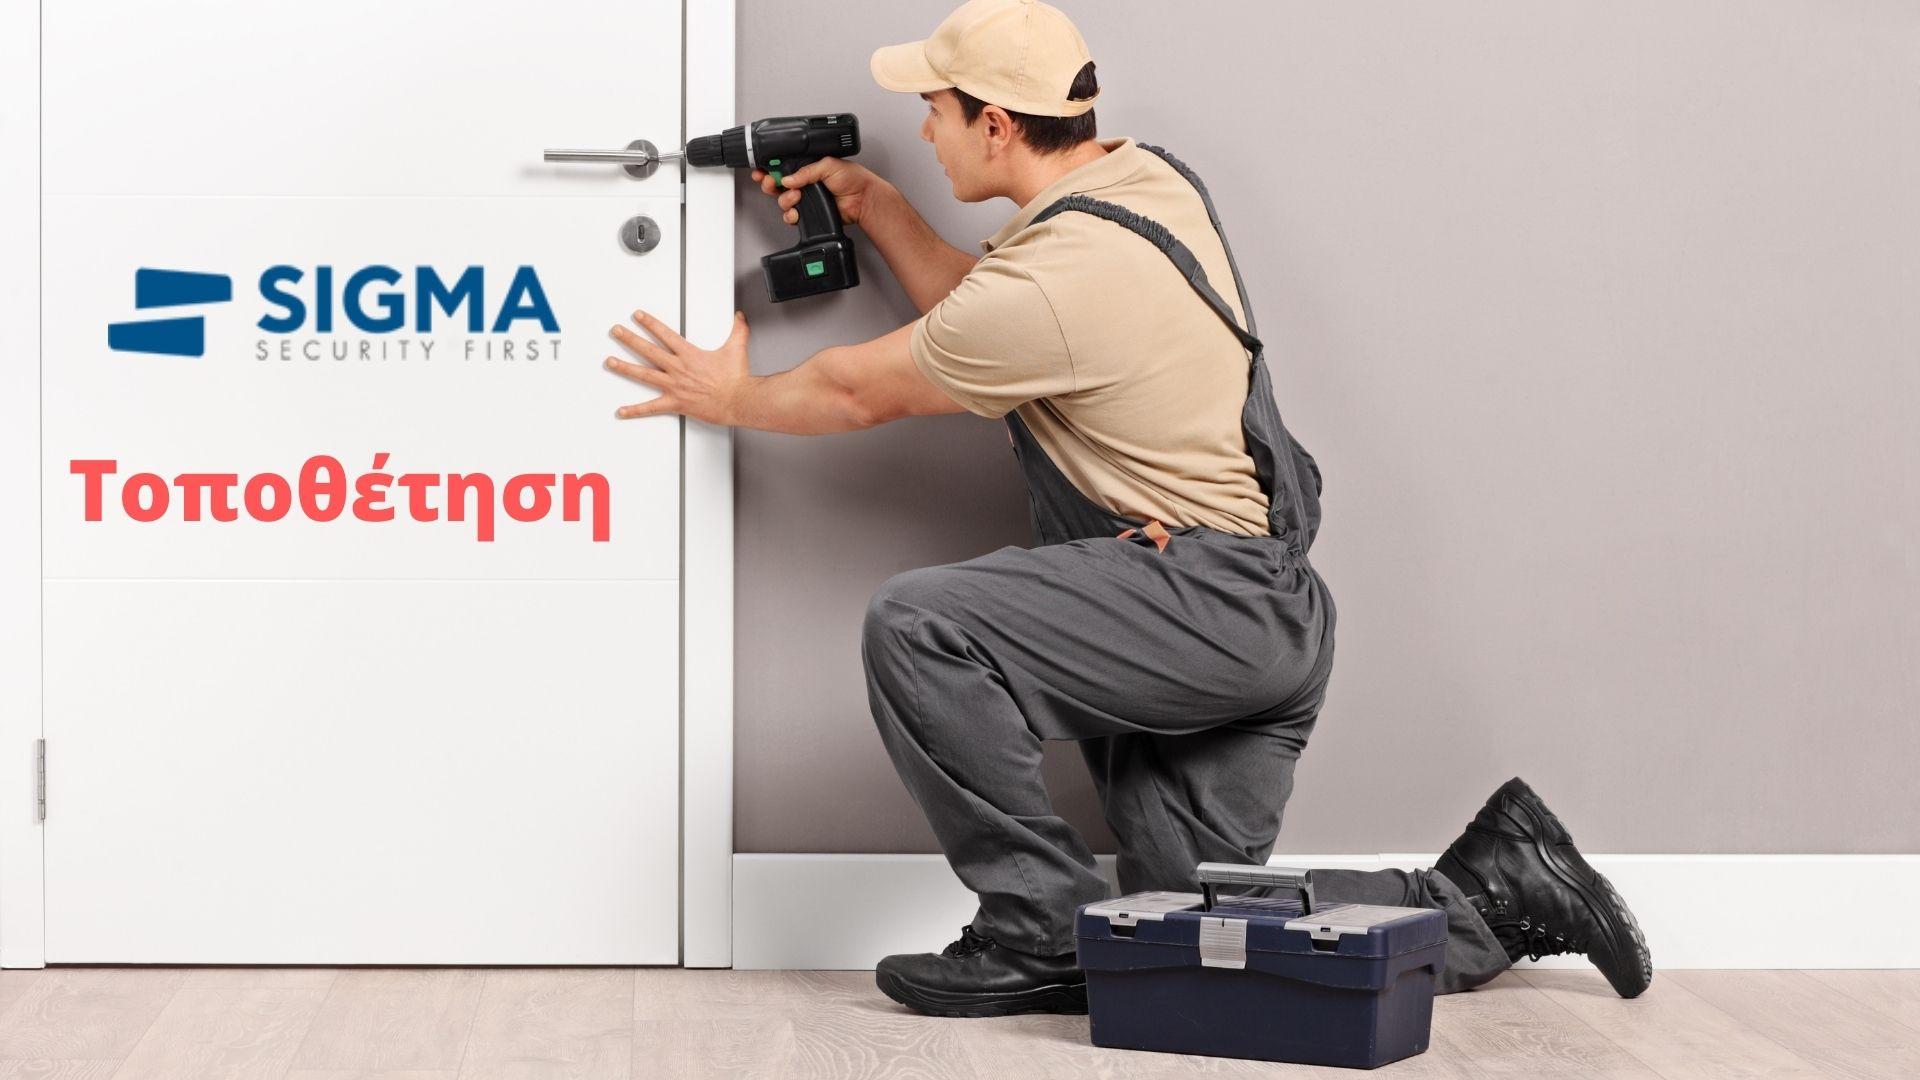 Sigma Security